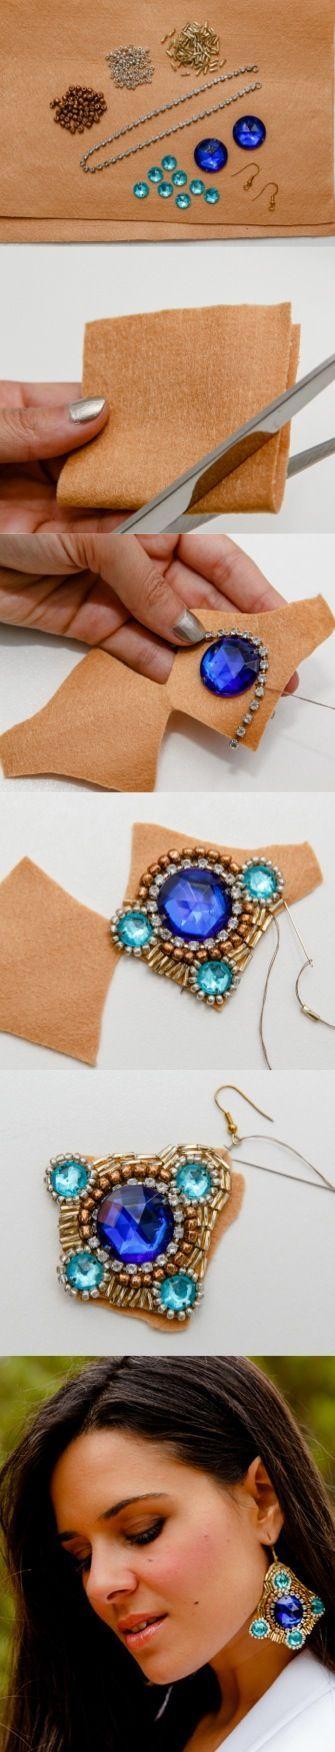 DIY Embellished Earrings